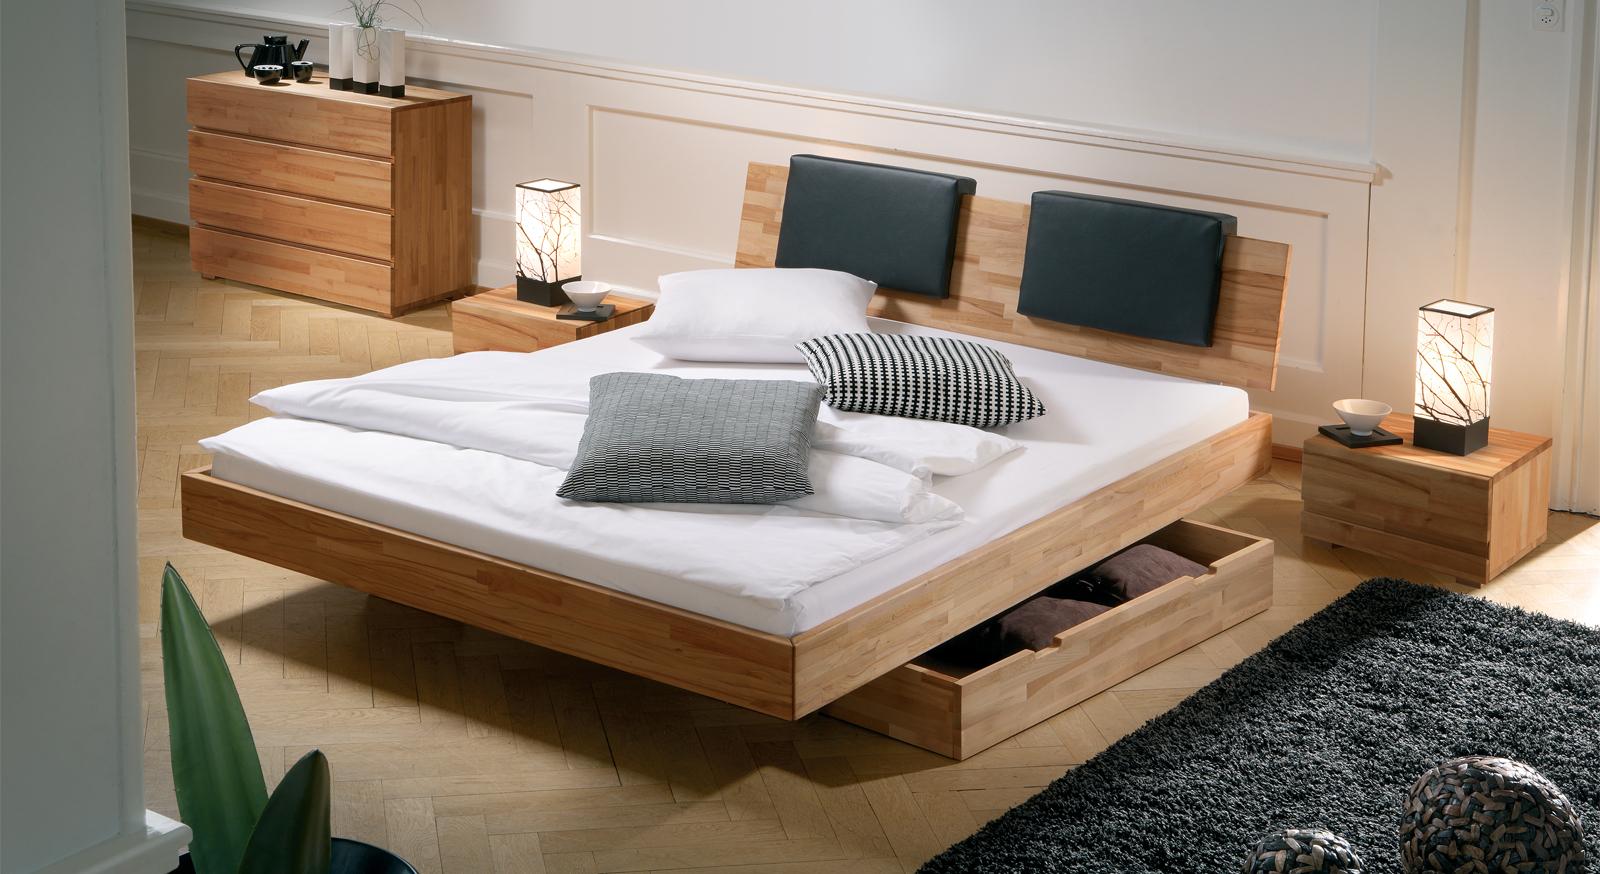 Doppelbett - einebinsenweisheit